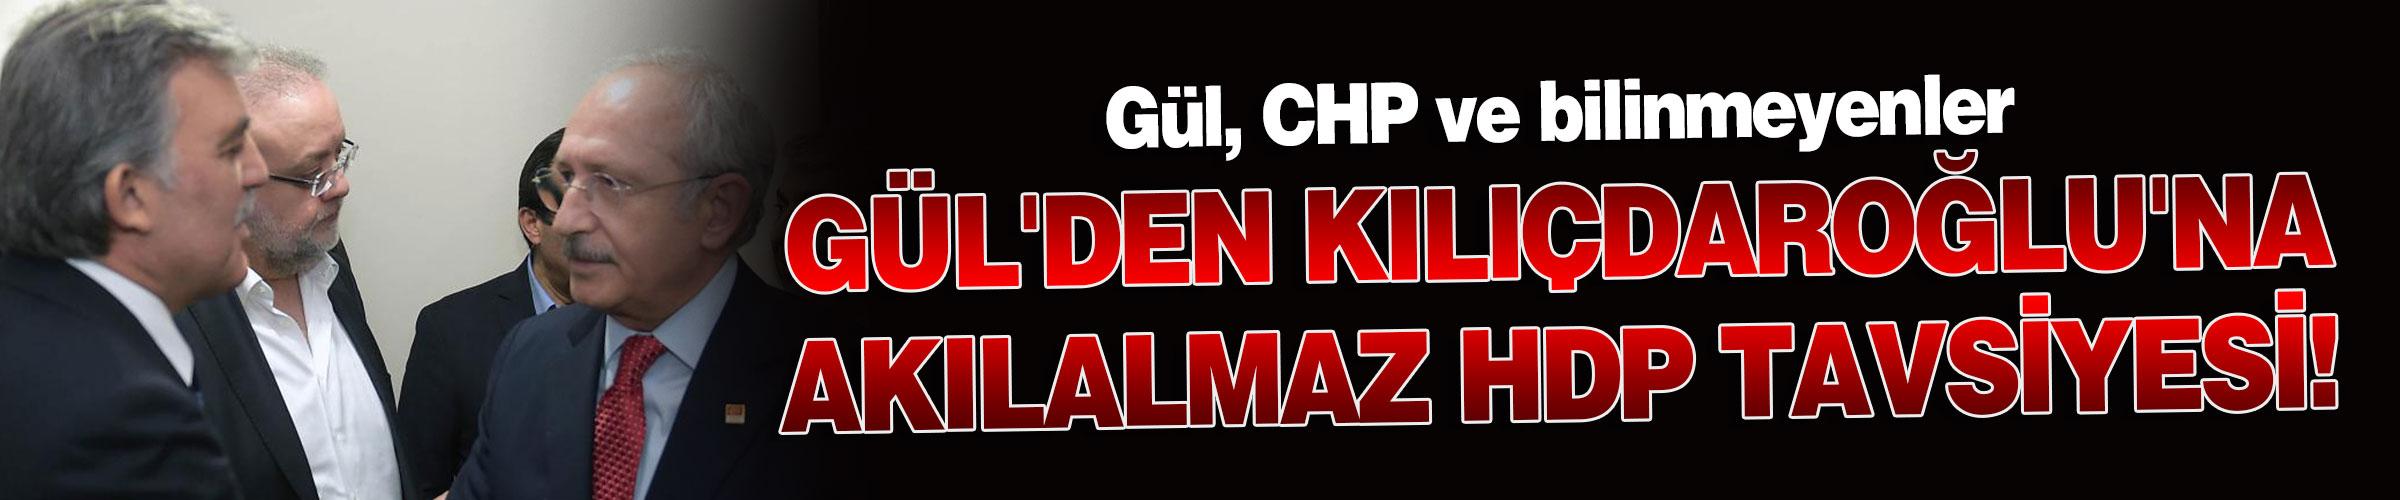 Gül'den Kılıçdaroğlu'na akılalmaz HDP tavsiyesi!